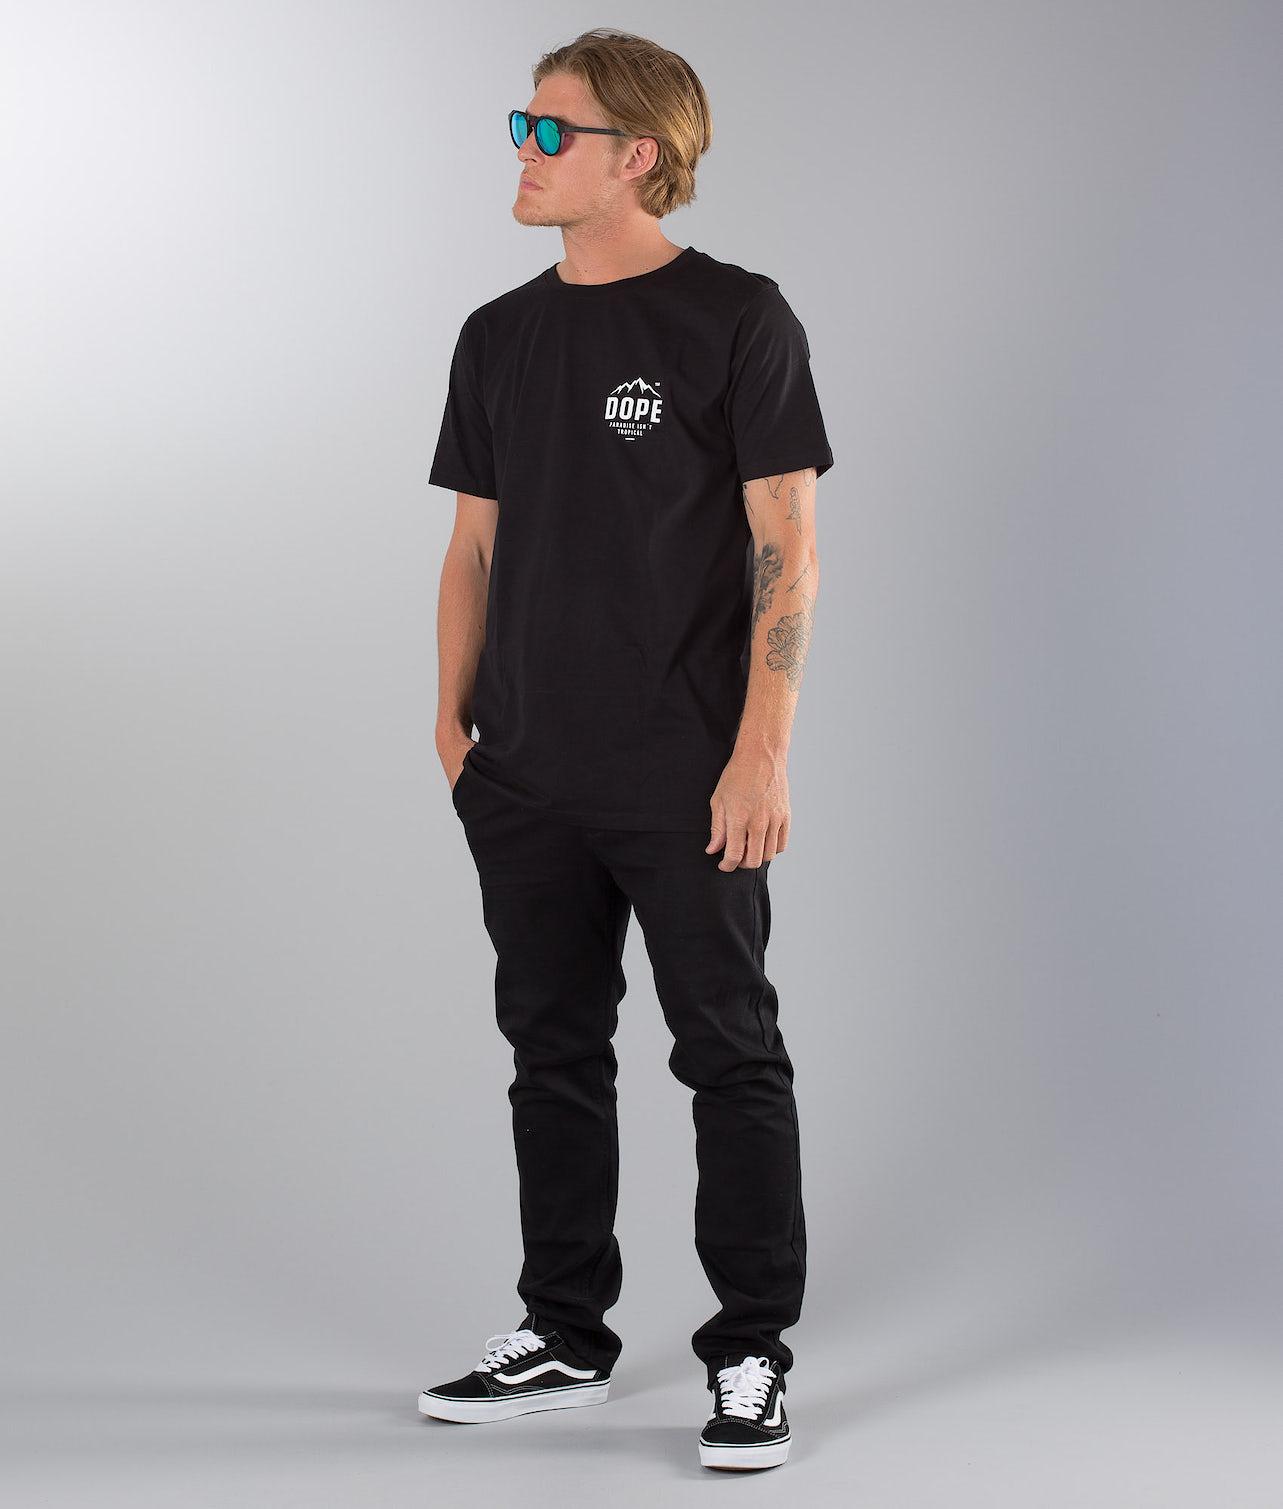 Kjøp Paradise II T-shirt fra Dope på Ridestore.no - Hos oss har du alltid fri frakt, fri retur og 30 dagers åpent kjøp!